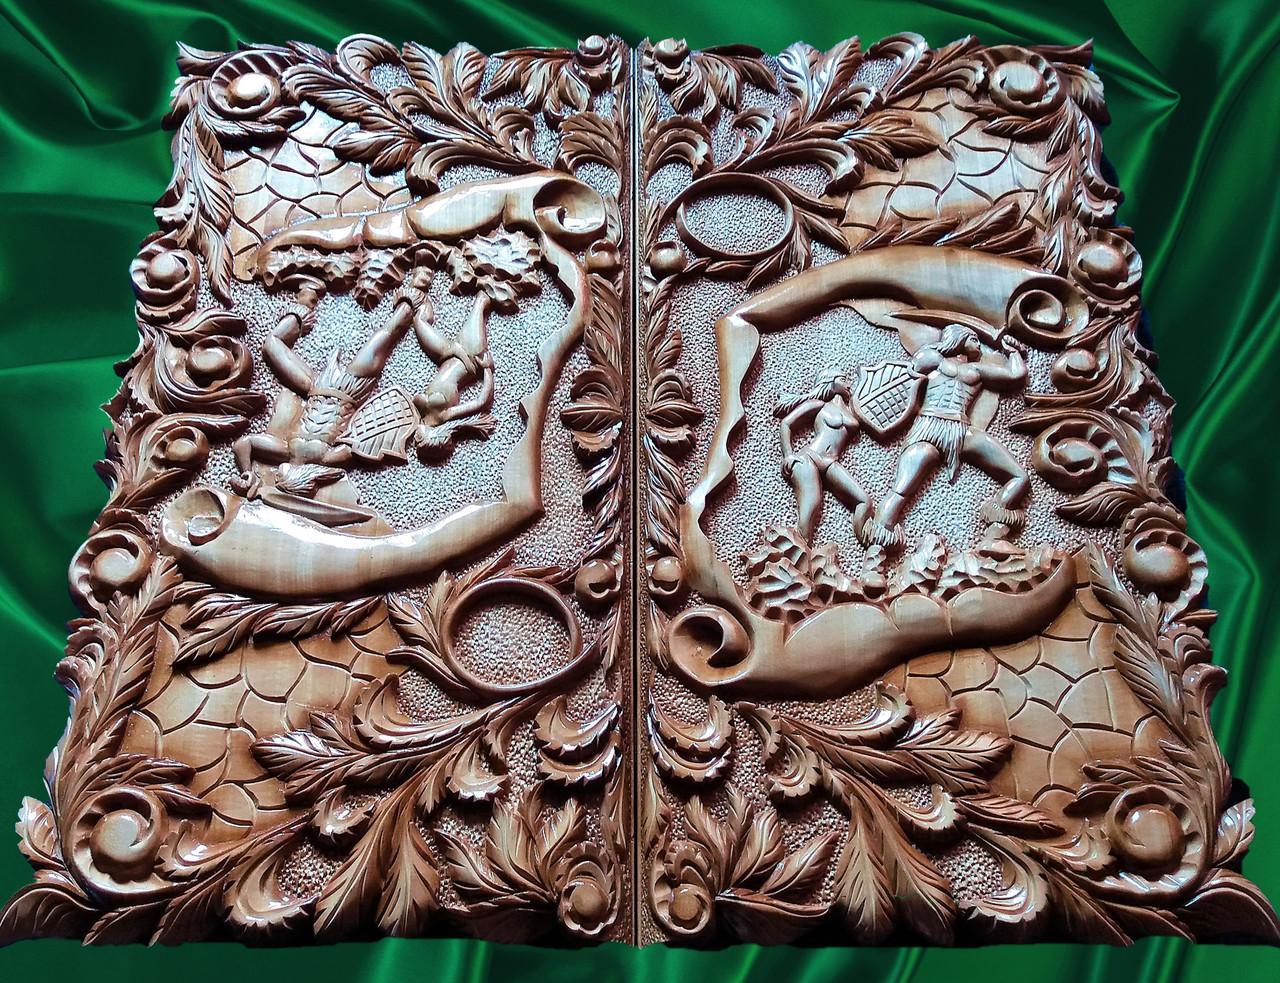 Купить нарды деревянные недорого в Москве в интернет-магазине